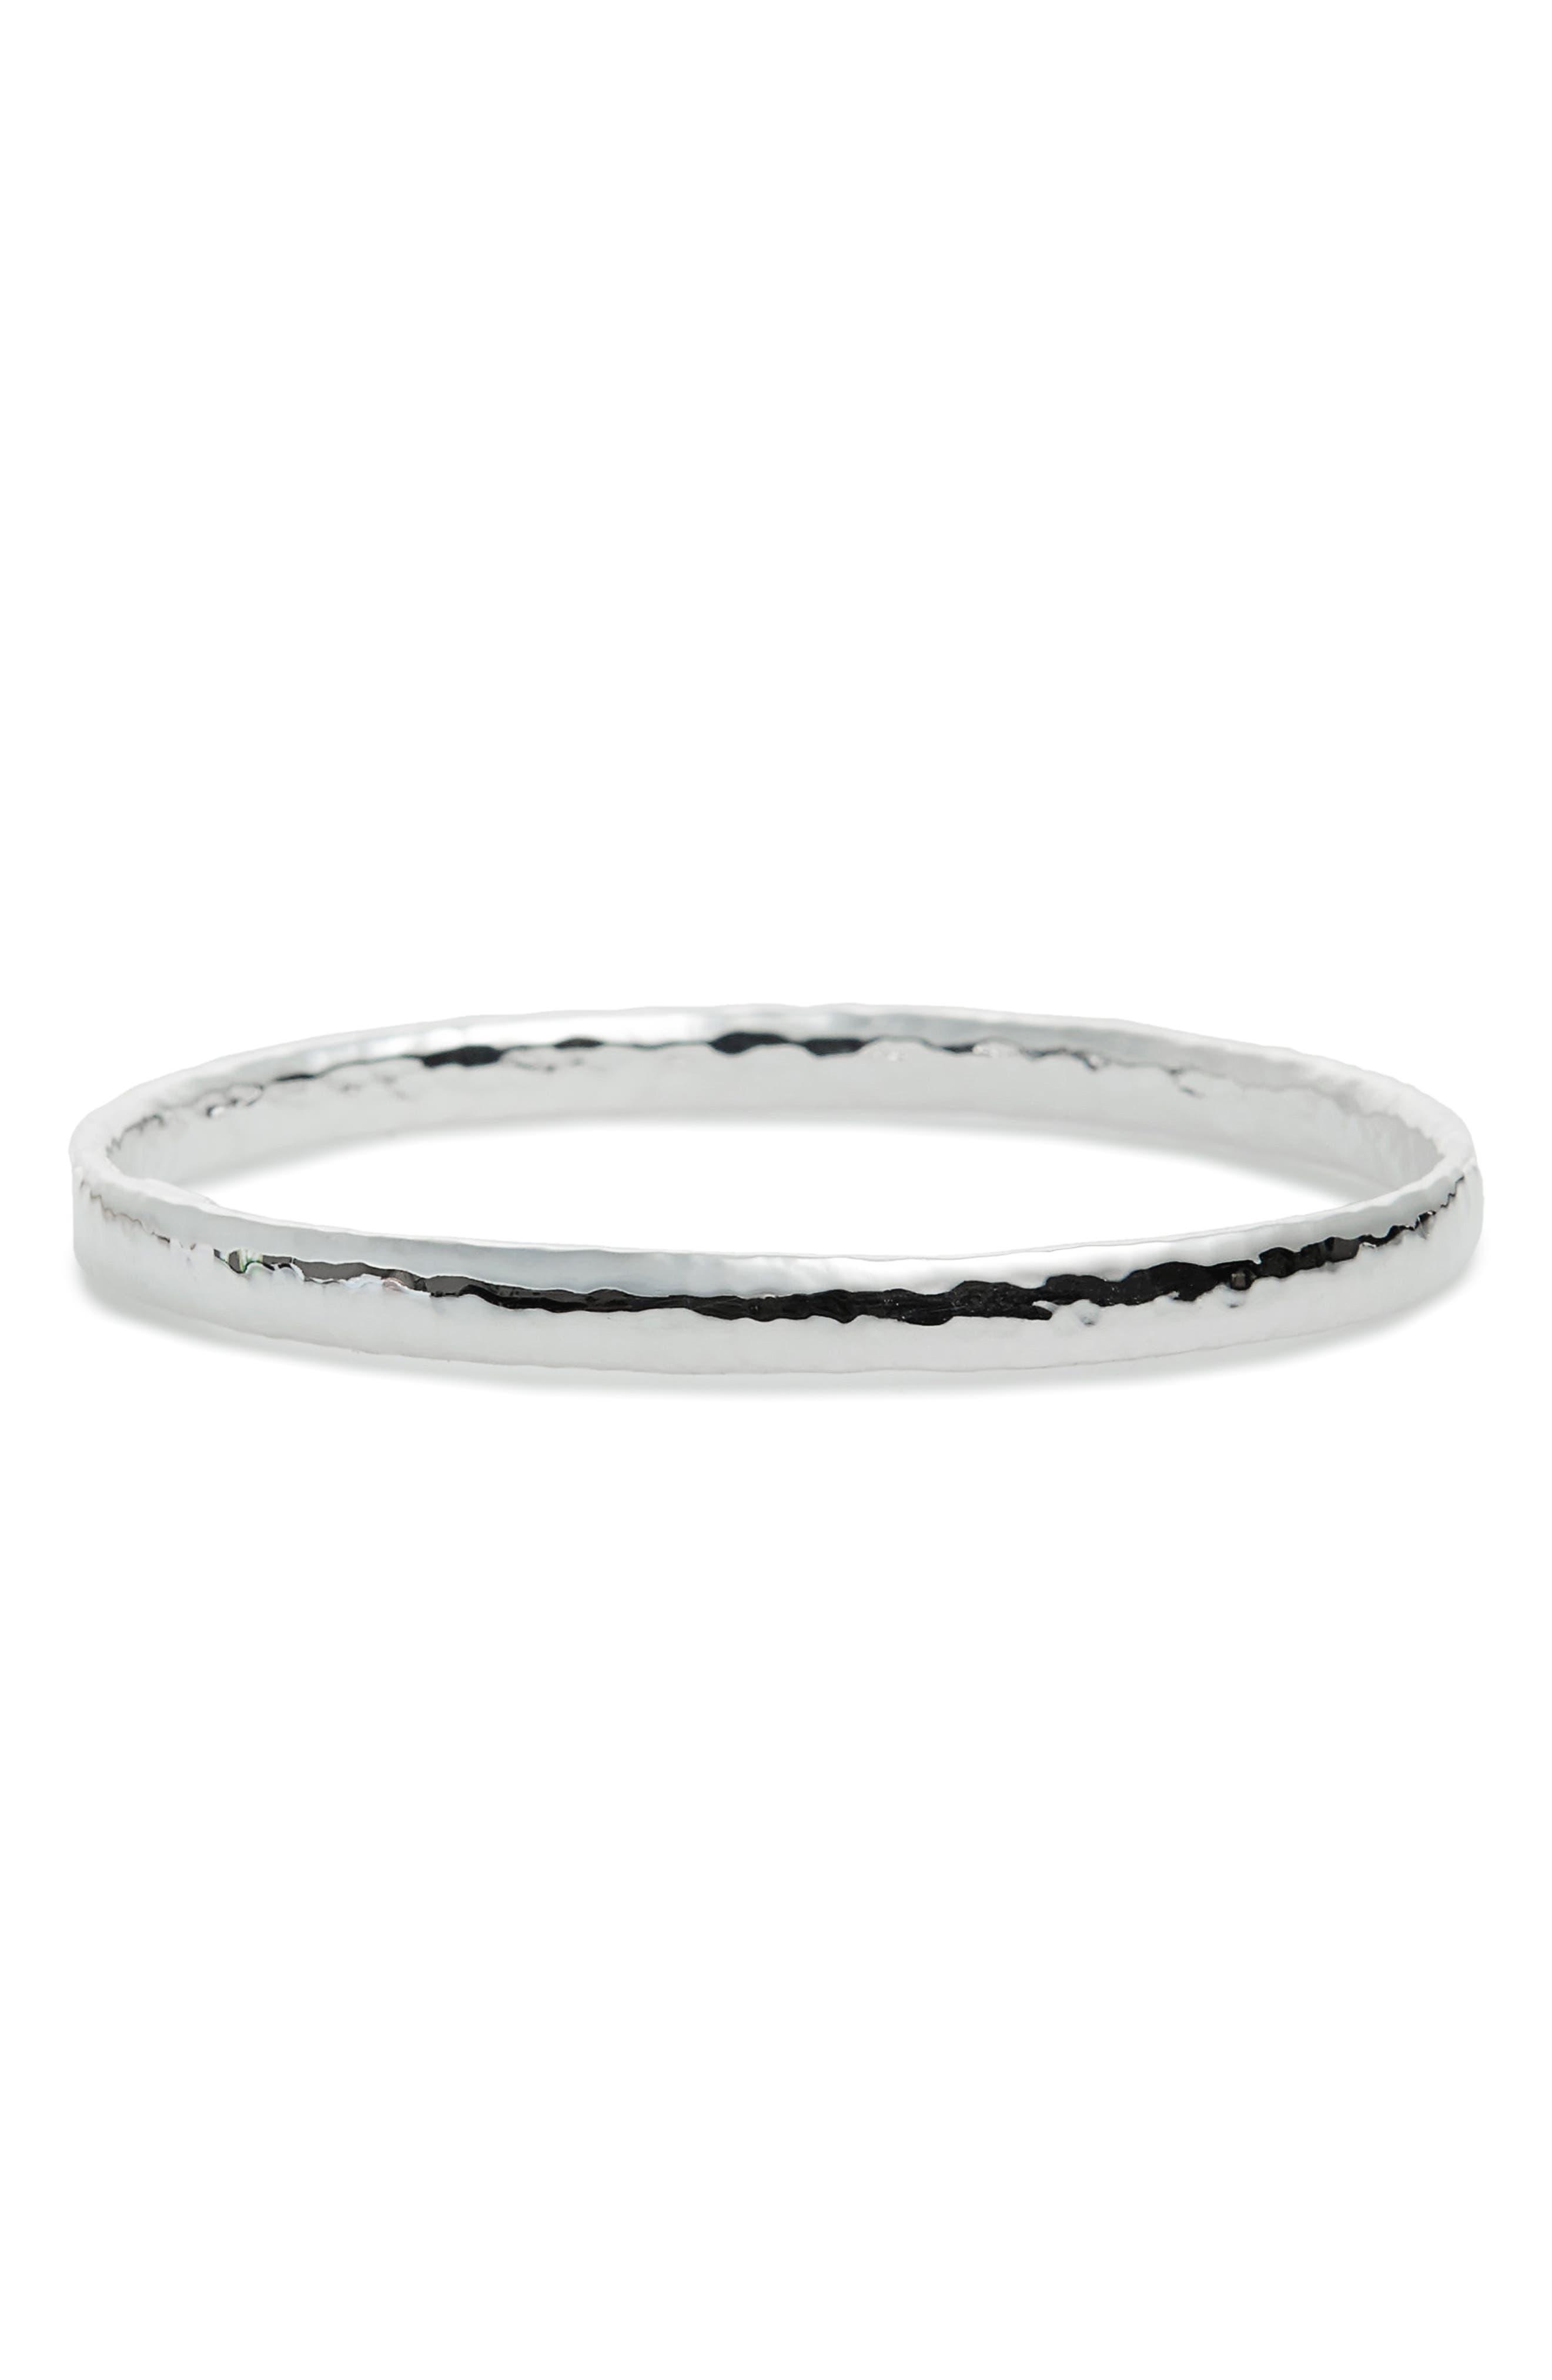 'Glamazon' Sterling Silver Bangle,                         Main,                         color, Silver